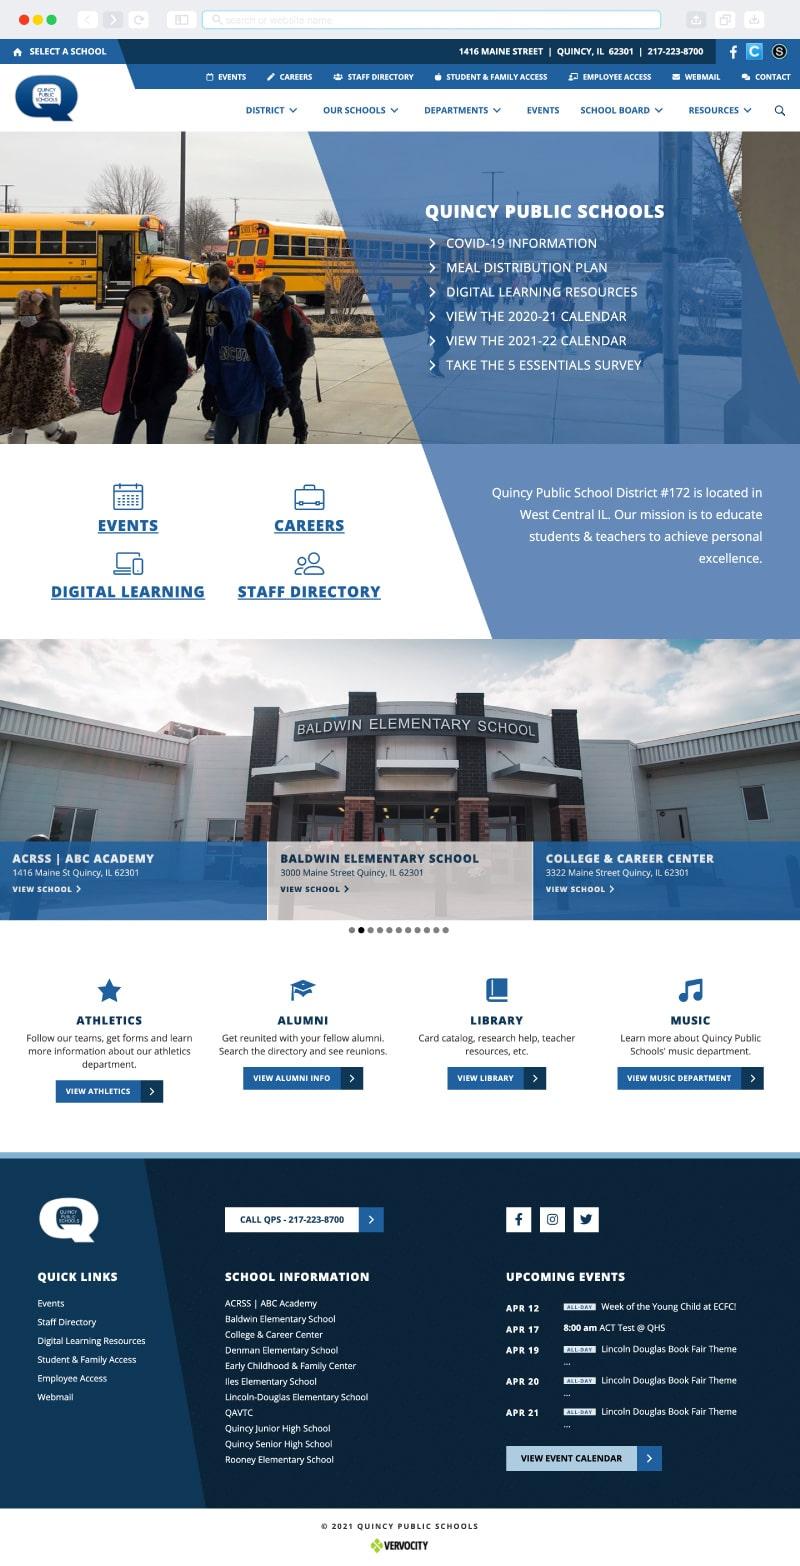 Quincy Public Schools Website Homepage